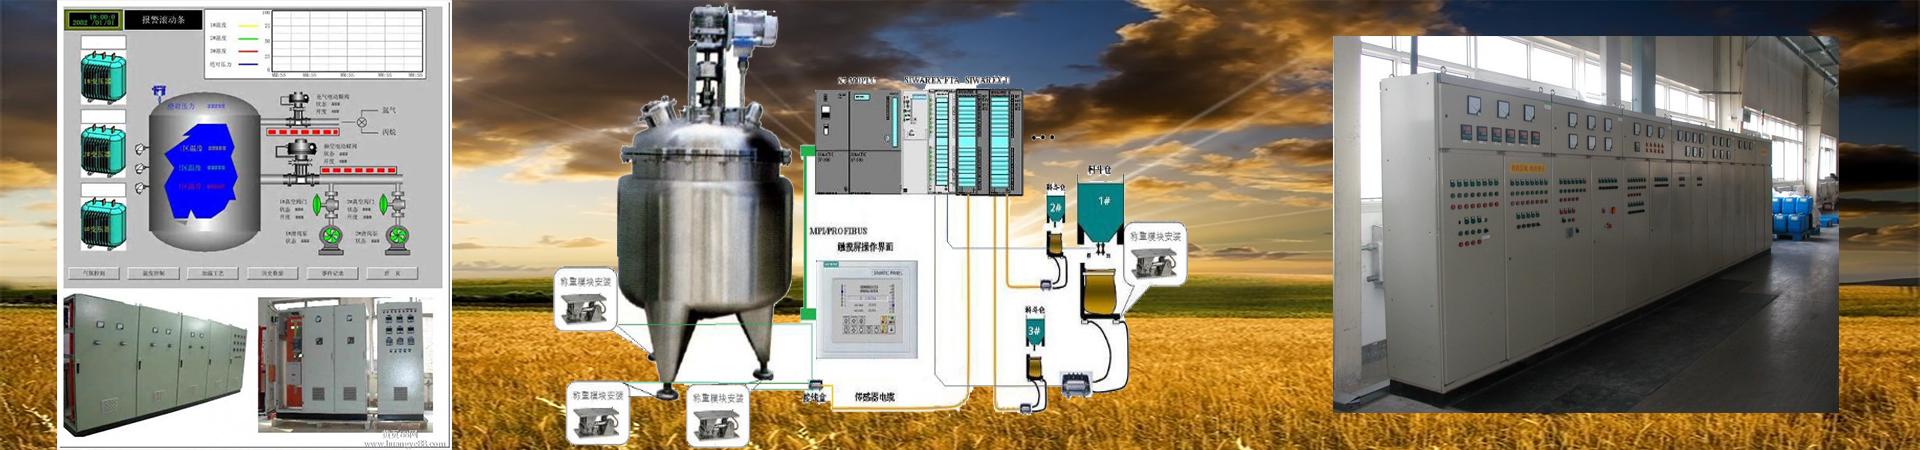 为中国客户降低成本,提供最高性价比的PLC解决方案